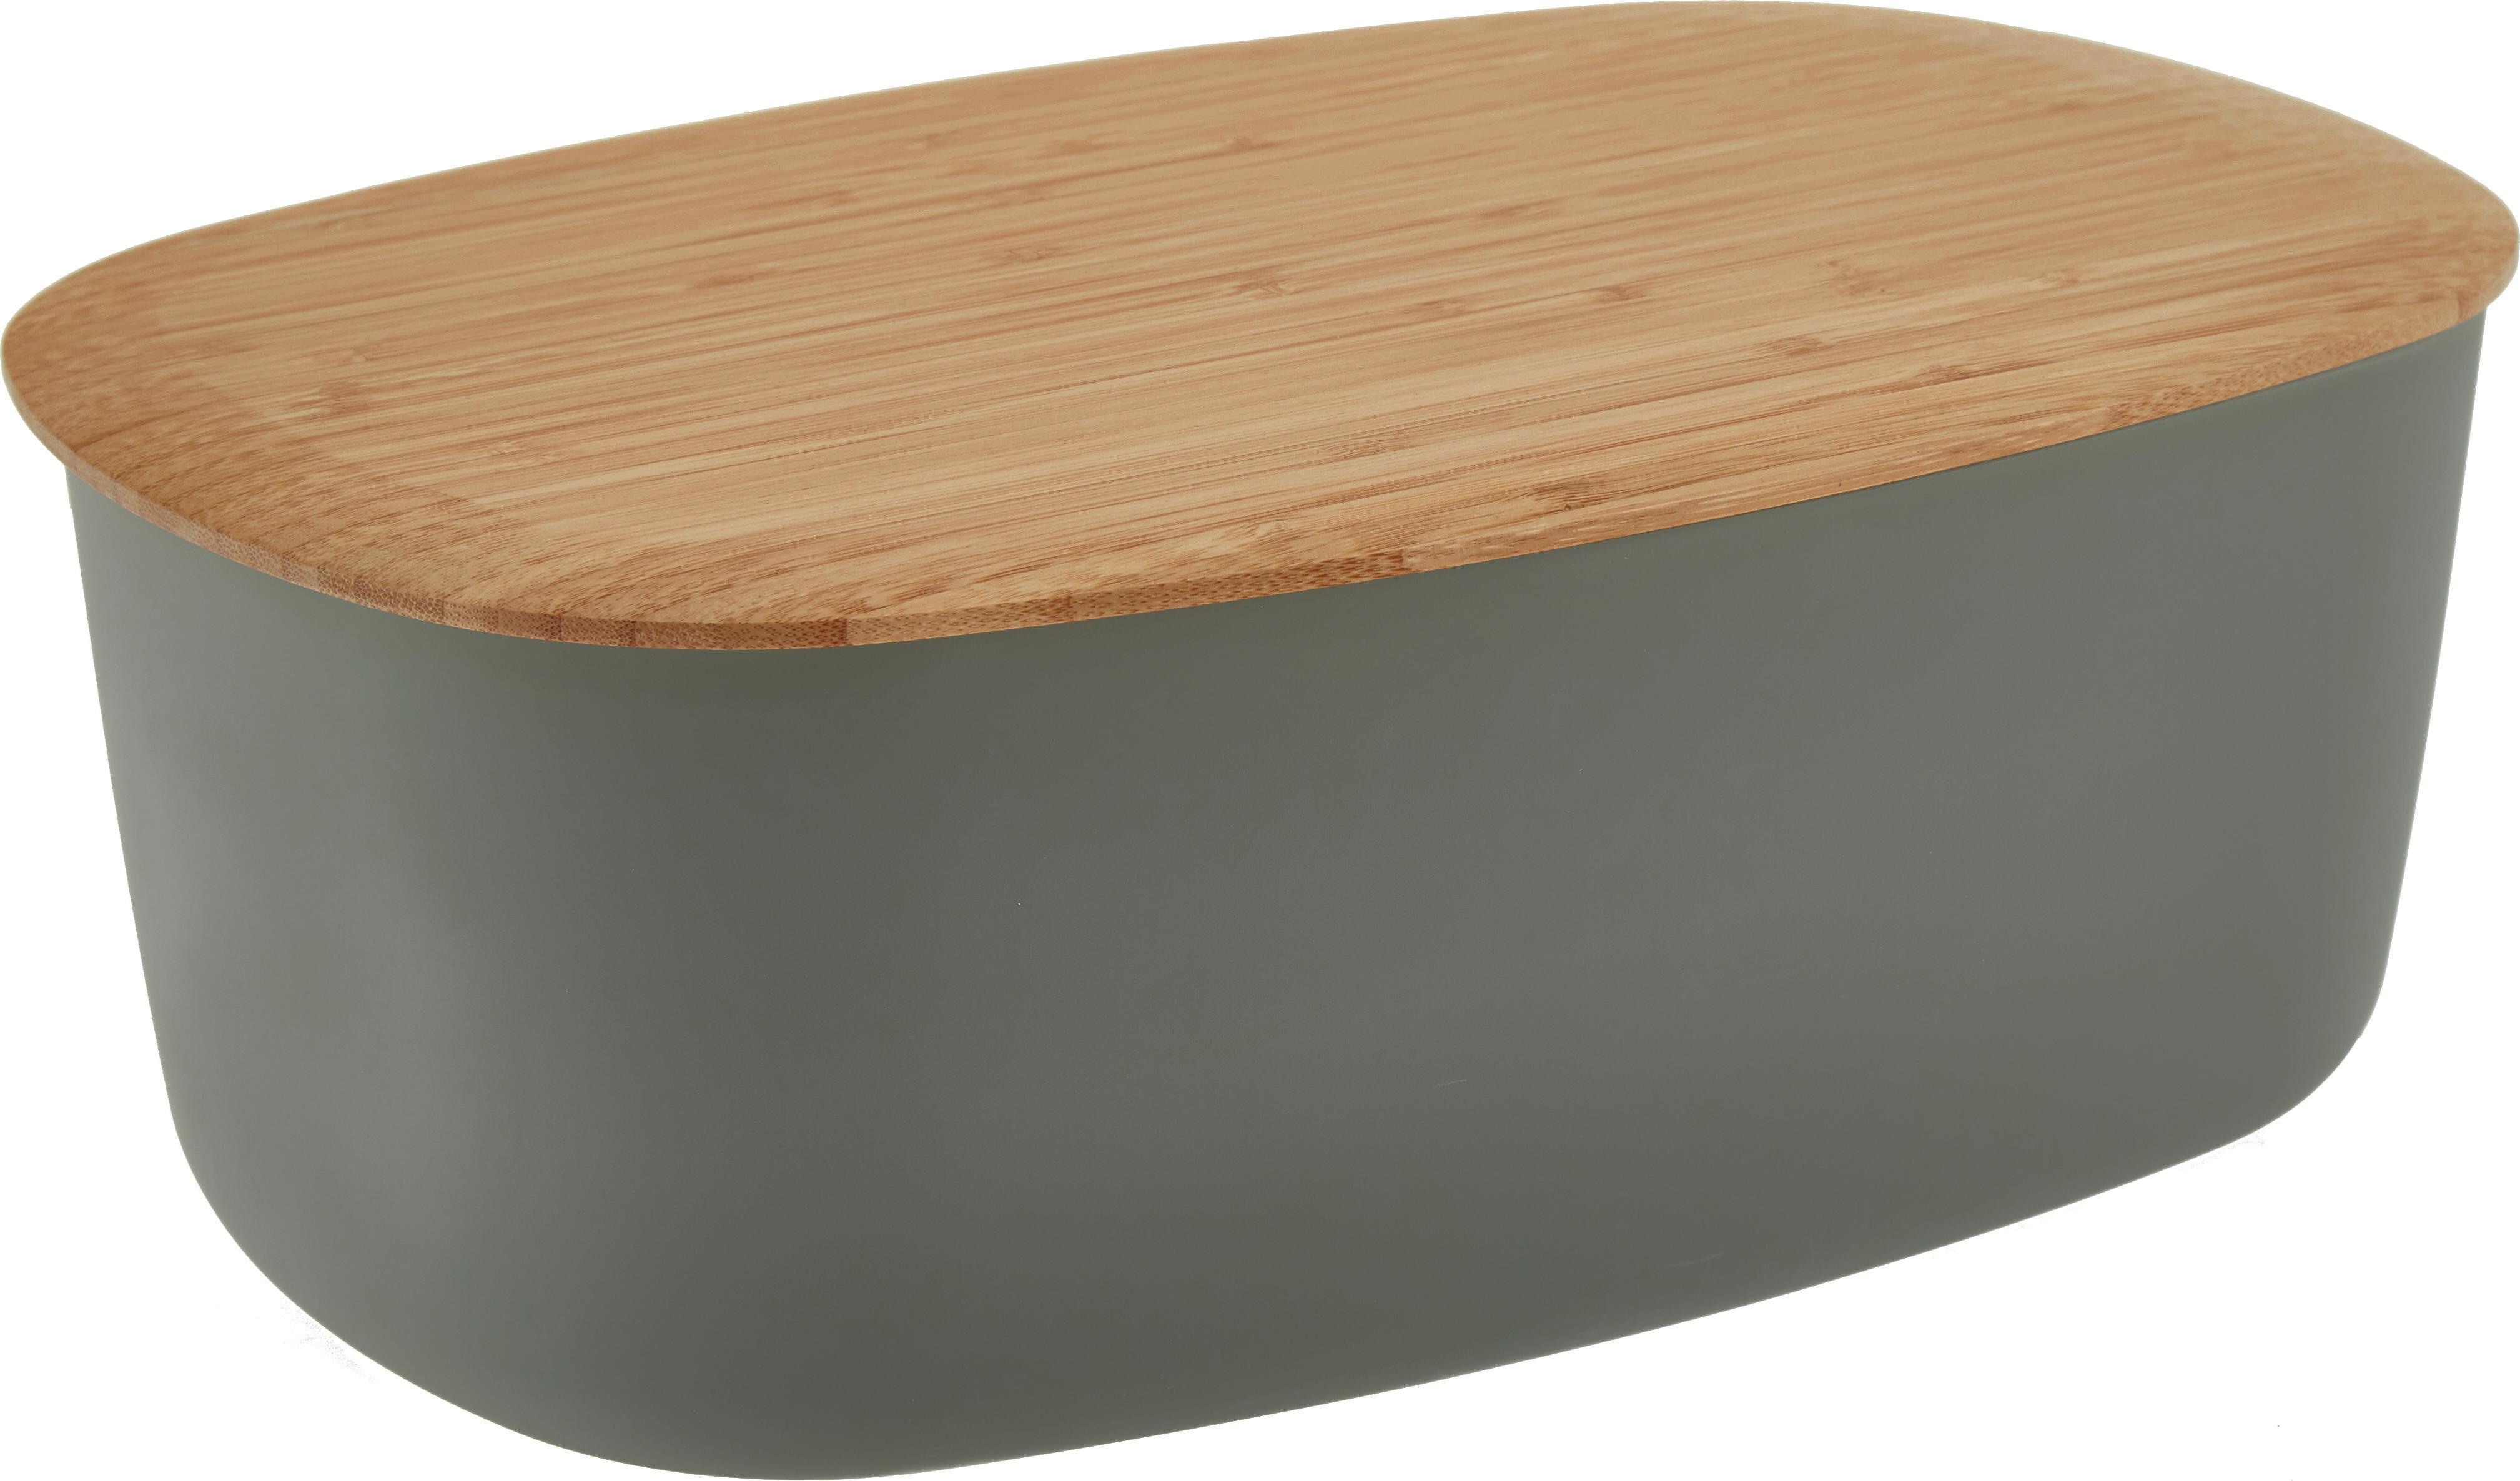 Portapane con coperchio in bambù Box-It, Contenitore: melamina, Coperchio: bambù, Contenitore: grigio Coperchio: marrone, Larg. 35 x Alt. 12 cm